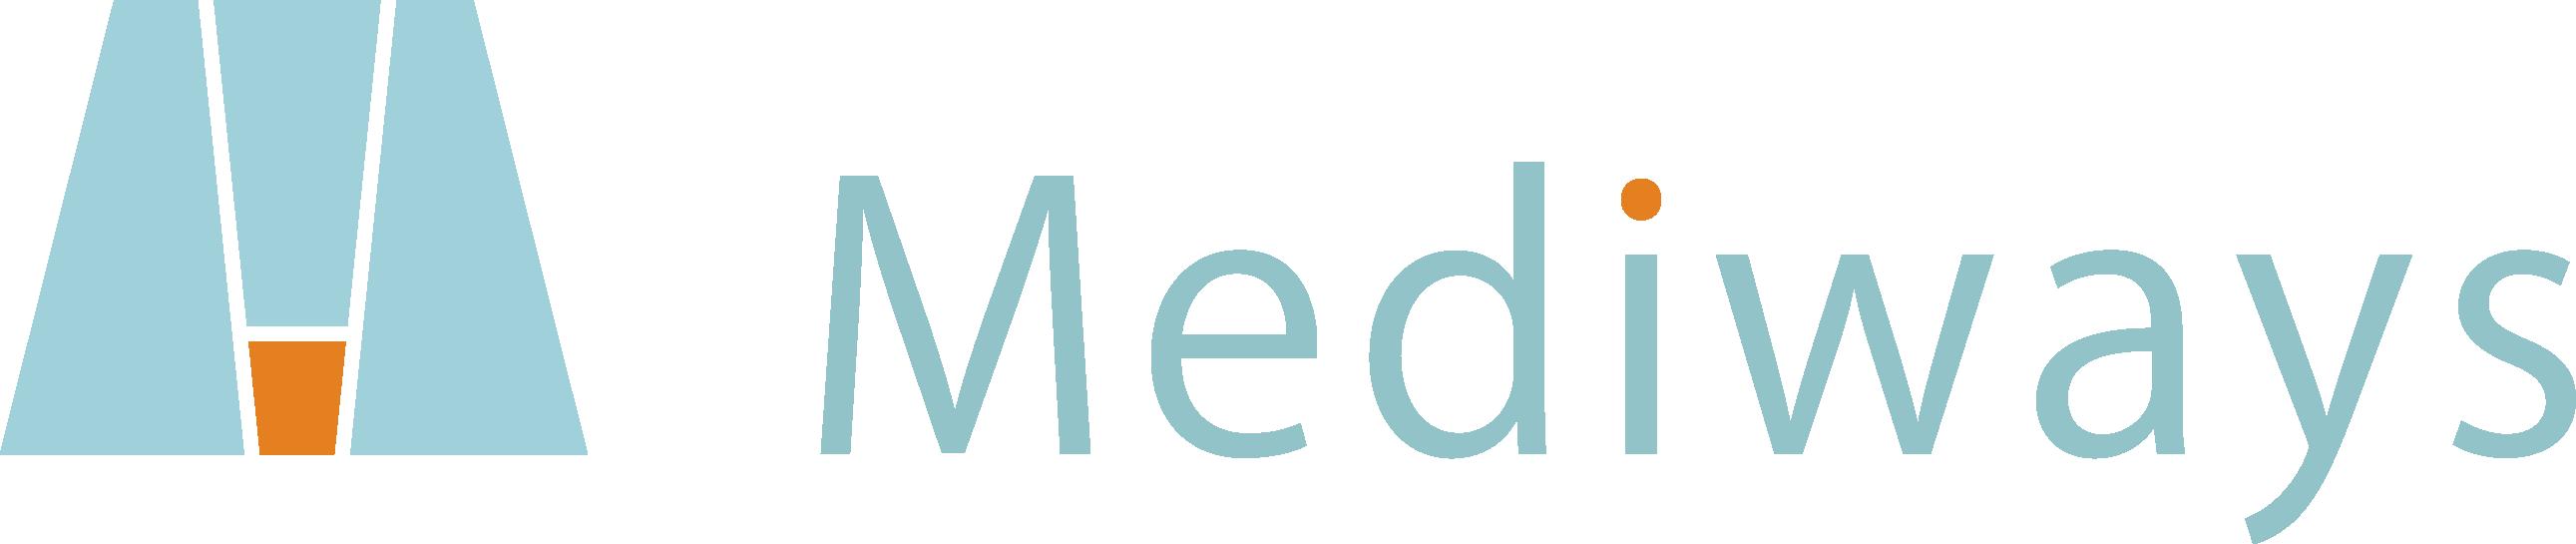 logo_mediways_02